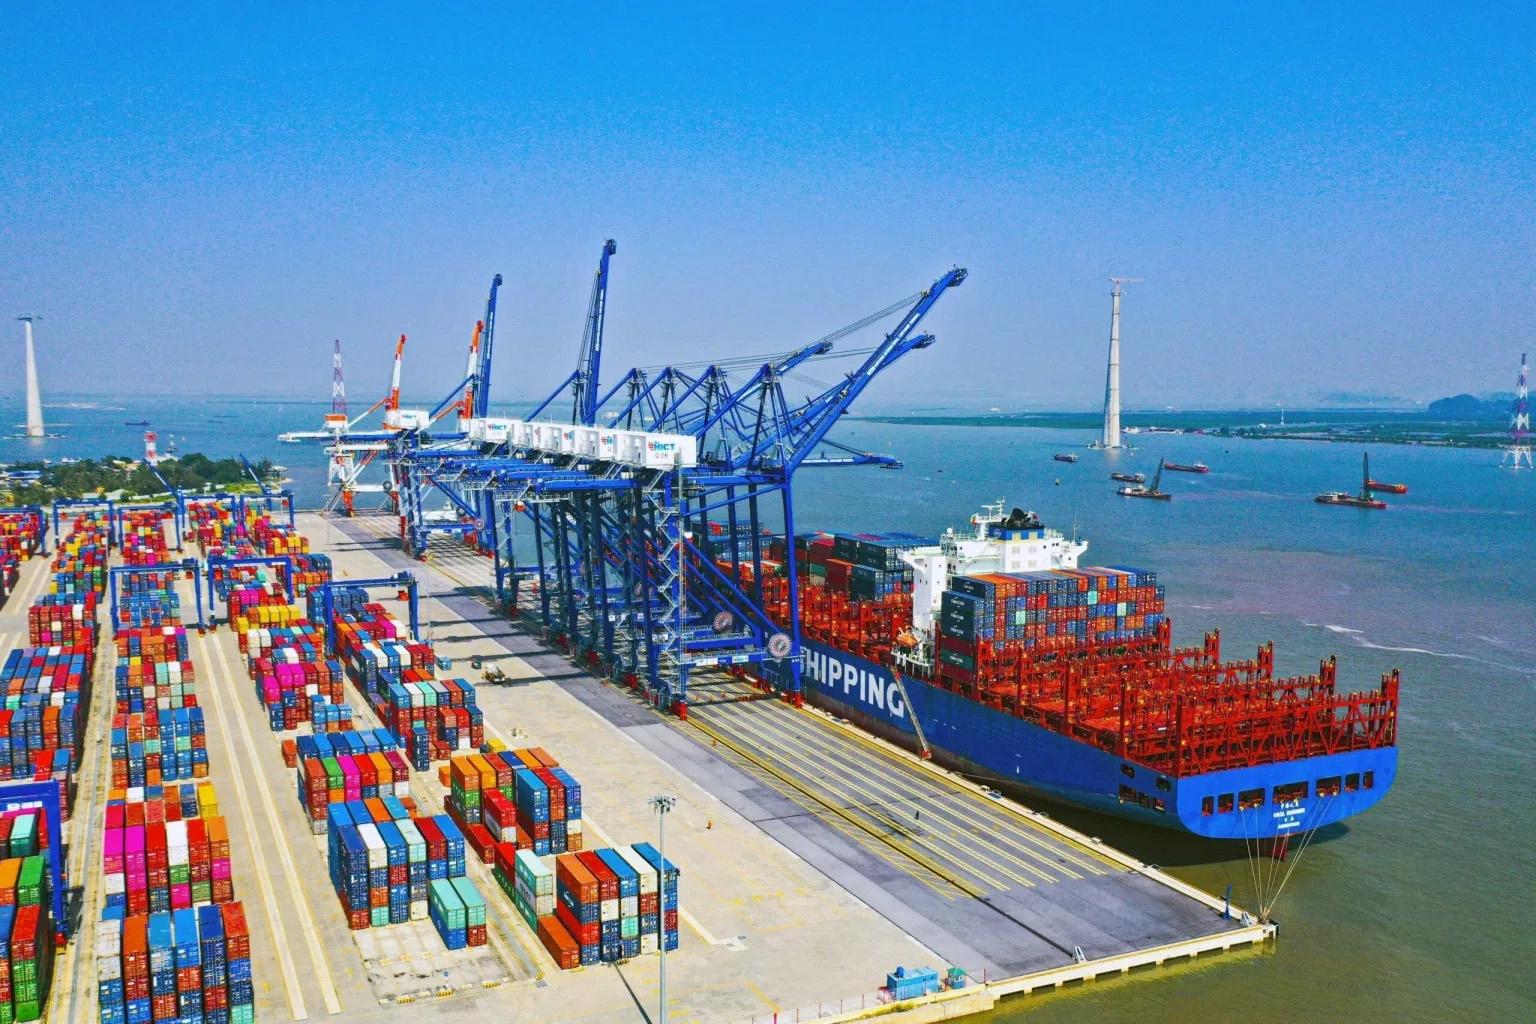 Đông Hải – Bạc Liêu sức hút từ tiềm năng kinh tế biển trọng điểm của đồng bằng sông Cửu Long